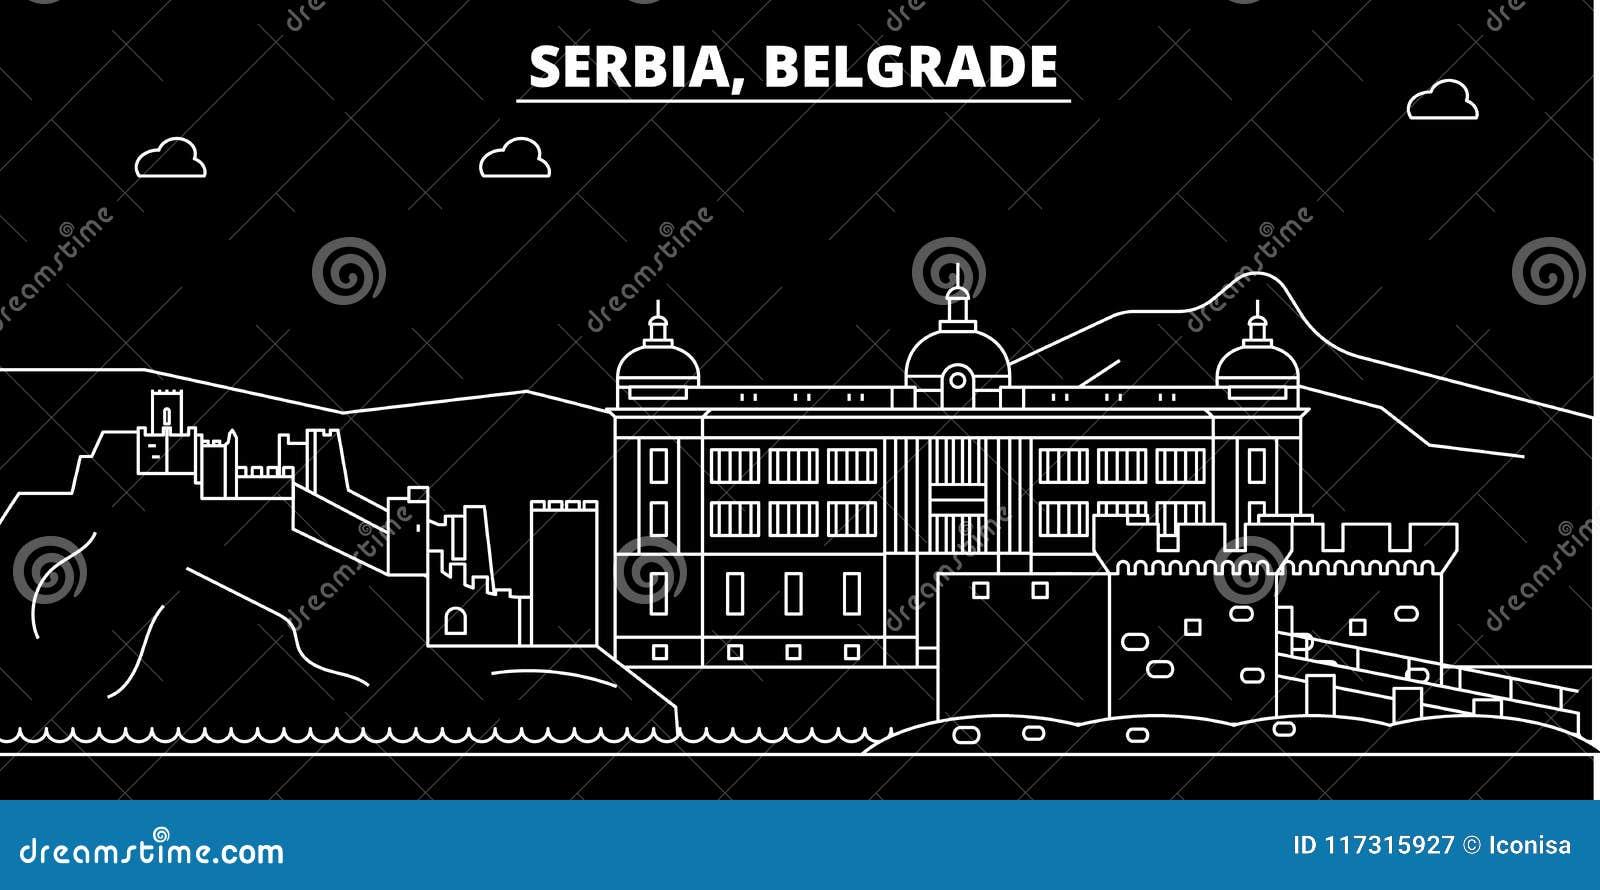 Serbisch Frohe Weihnachten.Belgrad Schattenbildskyline Serbien Belgrad Vektorstadt